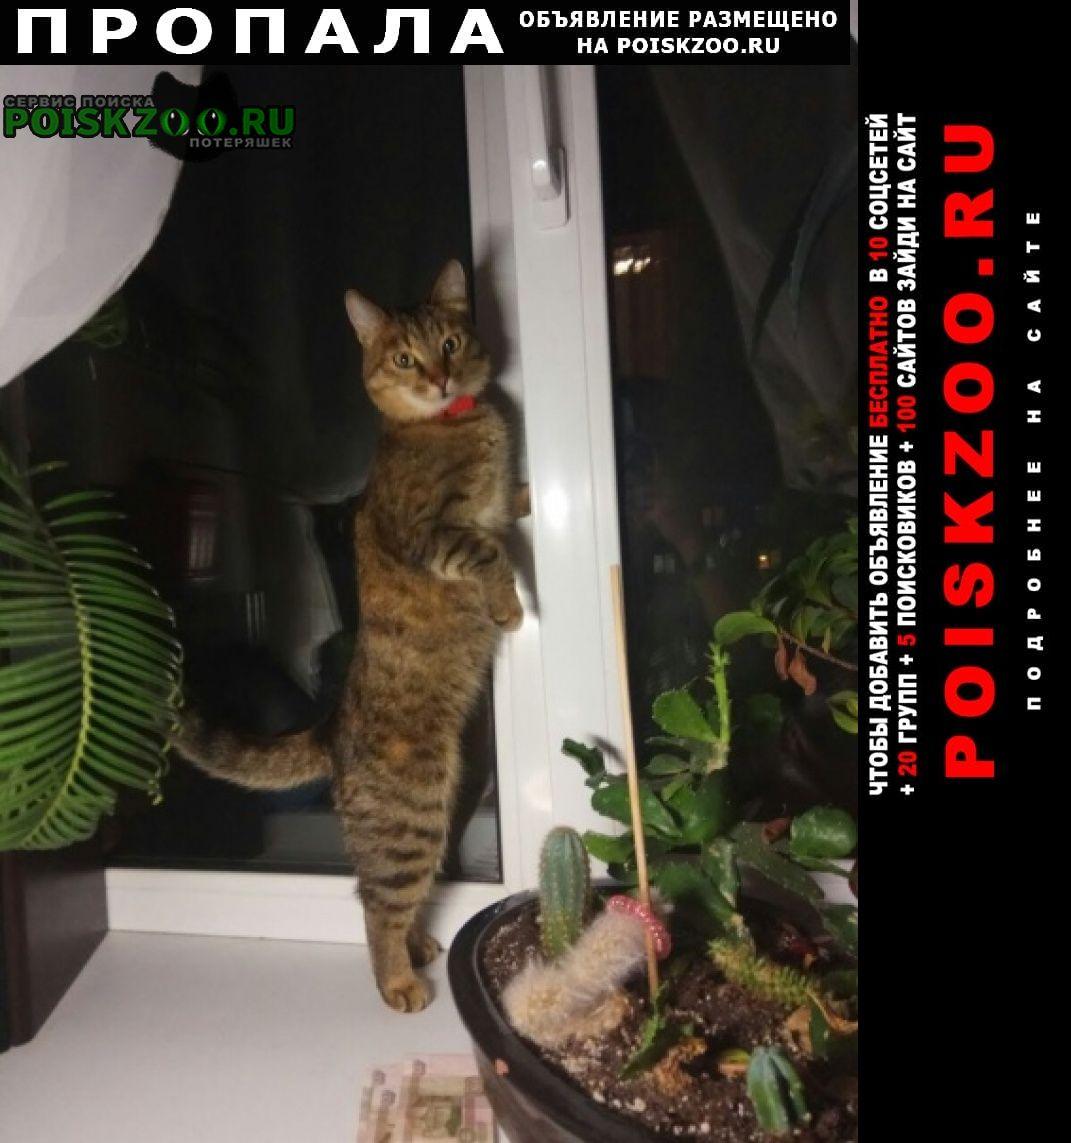 Пропала кошка плюша Самара